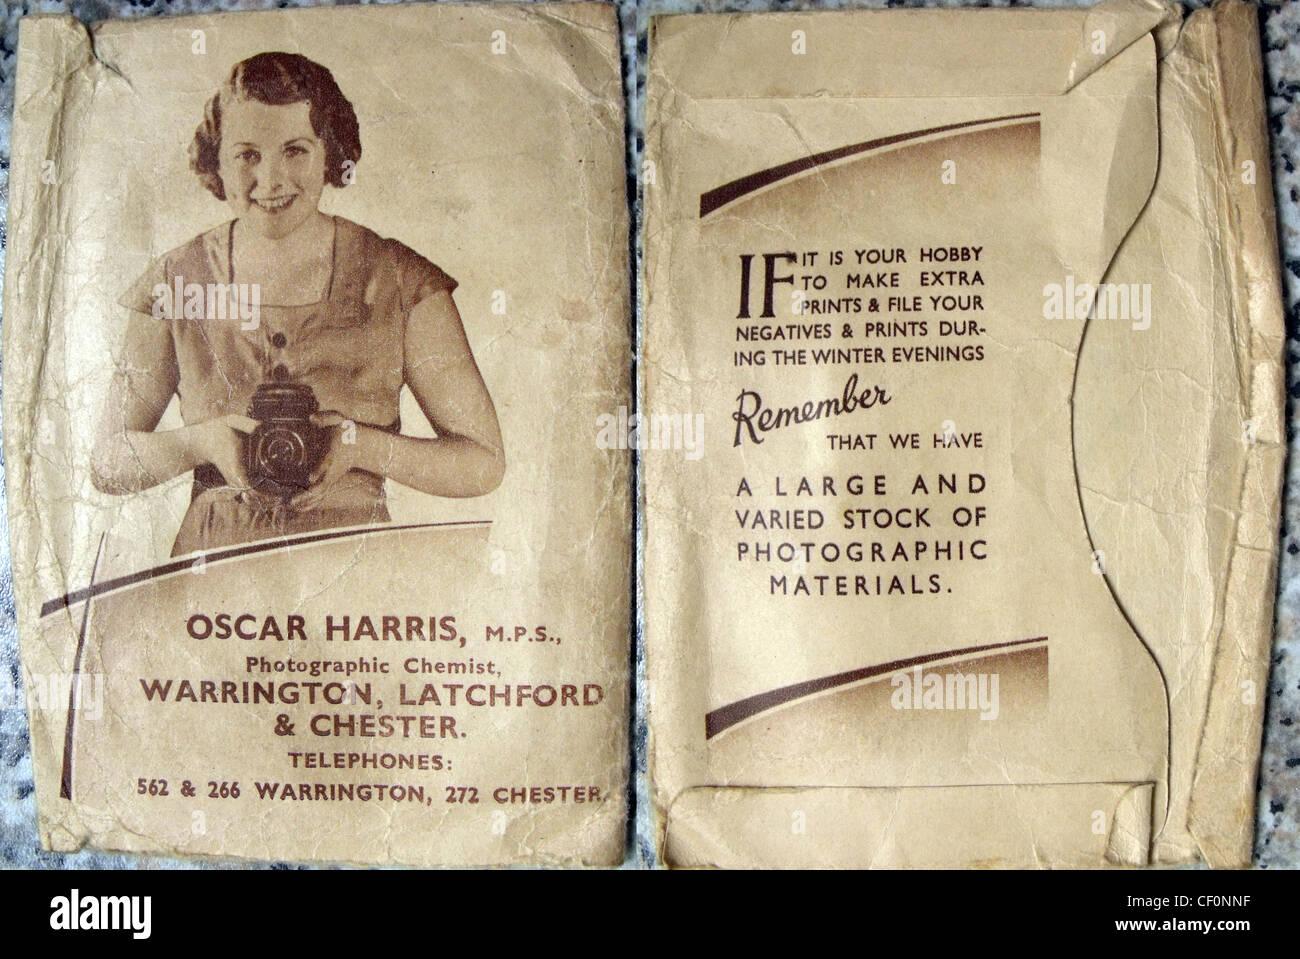 Laden Sie dieses Alamy Stockfoto Oscar Harris Shop Film Verarbeitung Umschlag, Latchford, Warrington, Cheshire, England, UK - CF0NNF